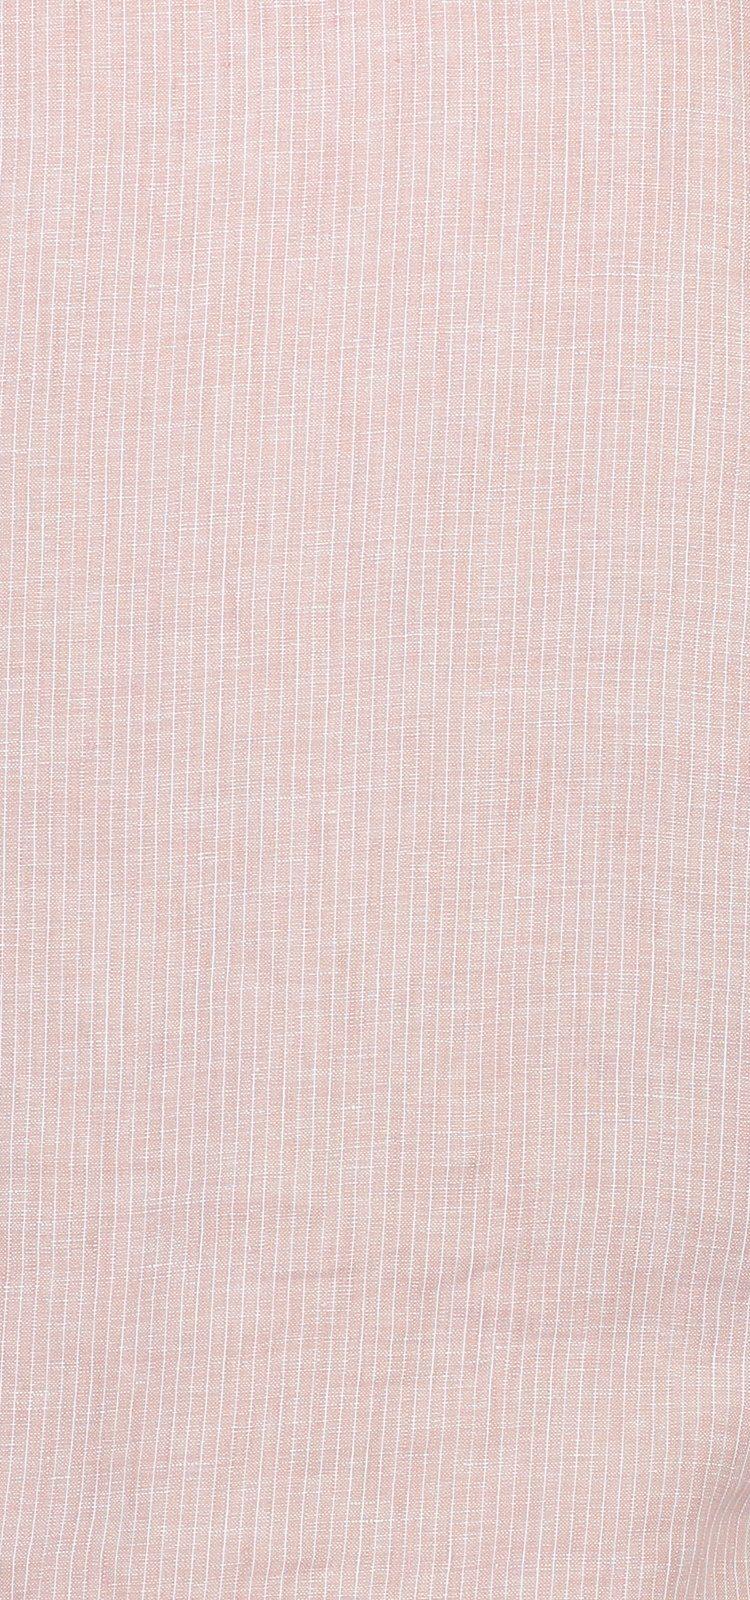 Nydj Linen Popover Tunic In Striped De Online Winkel - Geweldige Prijs